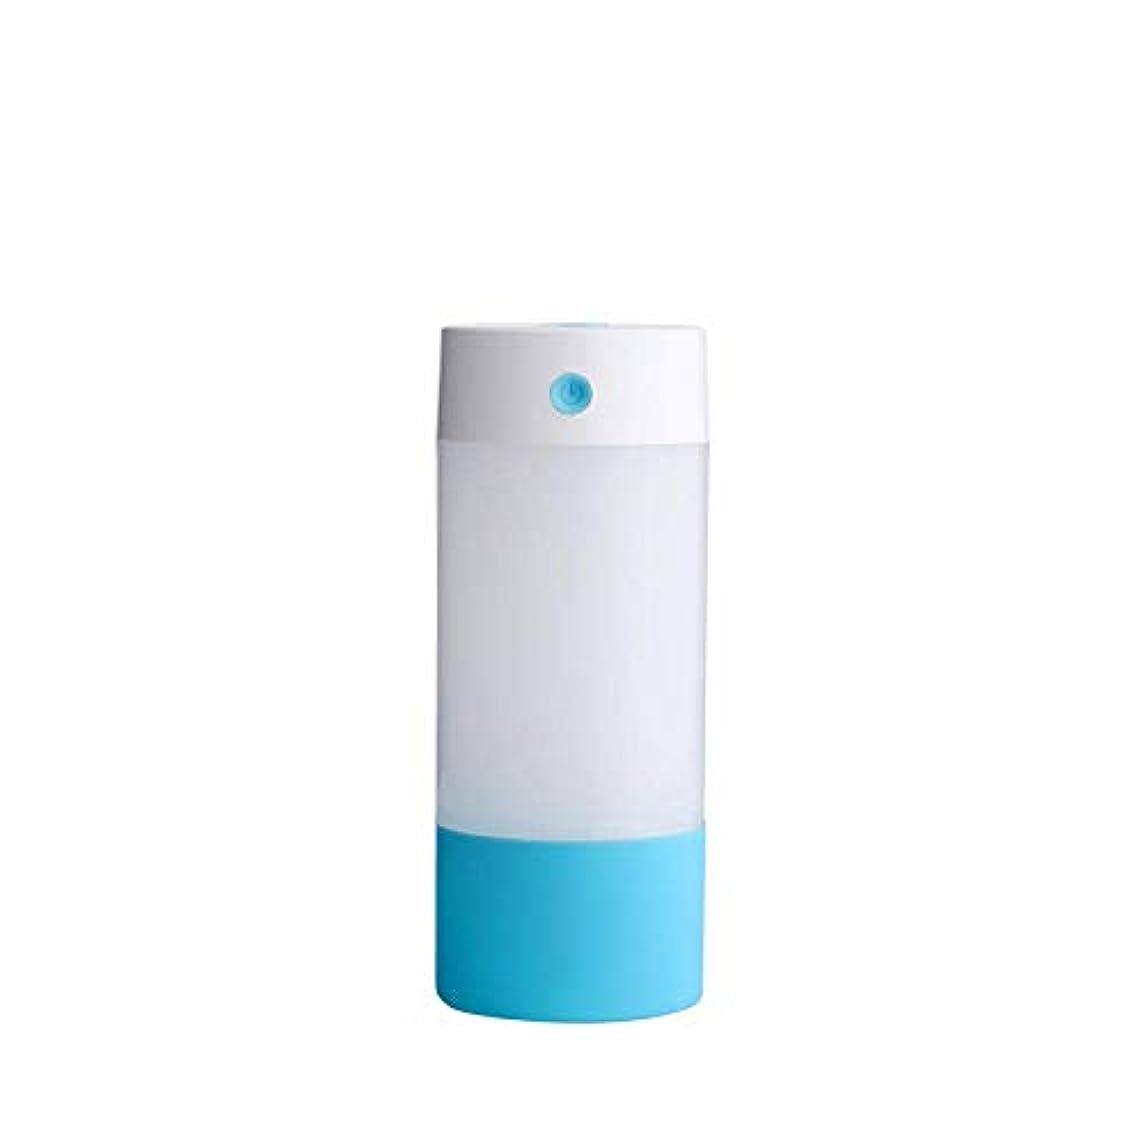 致命的ステートメントサイバースペースSOTCE アロマディフューザー加湿器超音波霧化技術のライトカー満足のいく解決策連続霧モード湿潤環境 (Color : Blue)